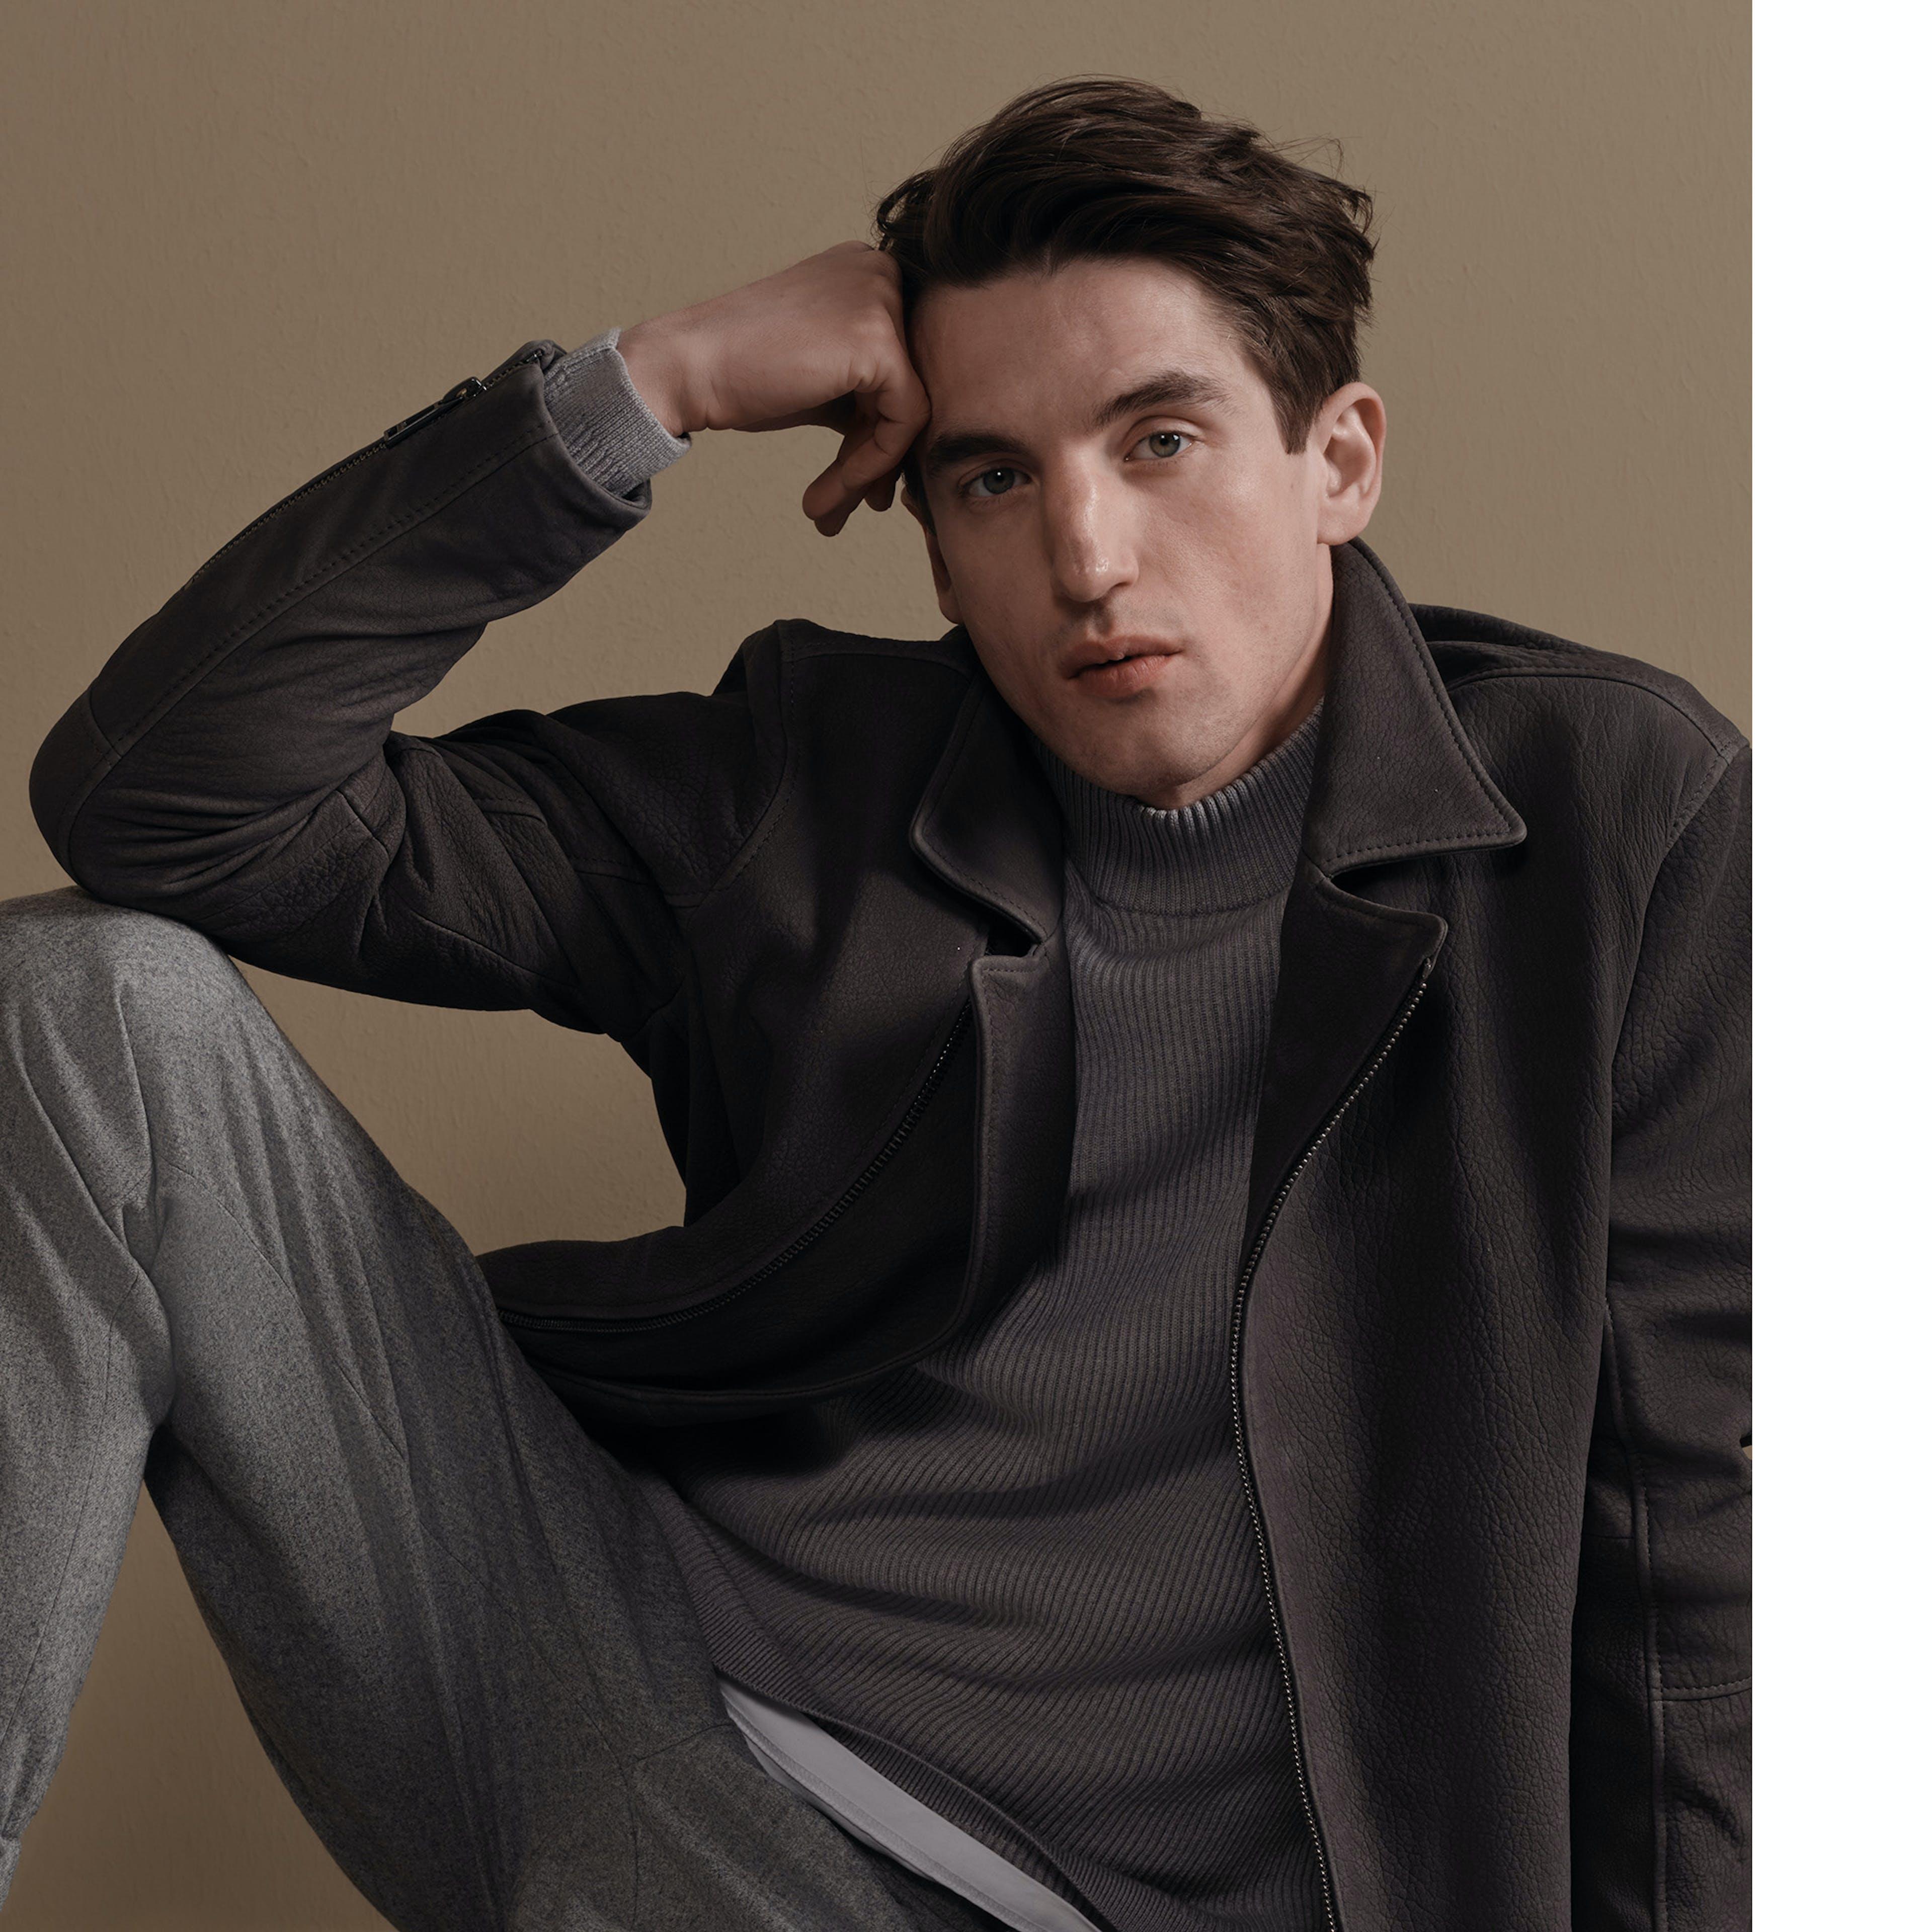 Herren Jacke und grauer Pullover